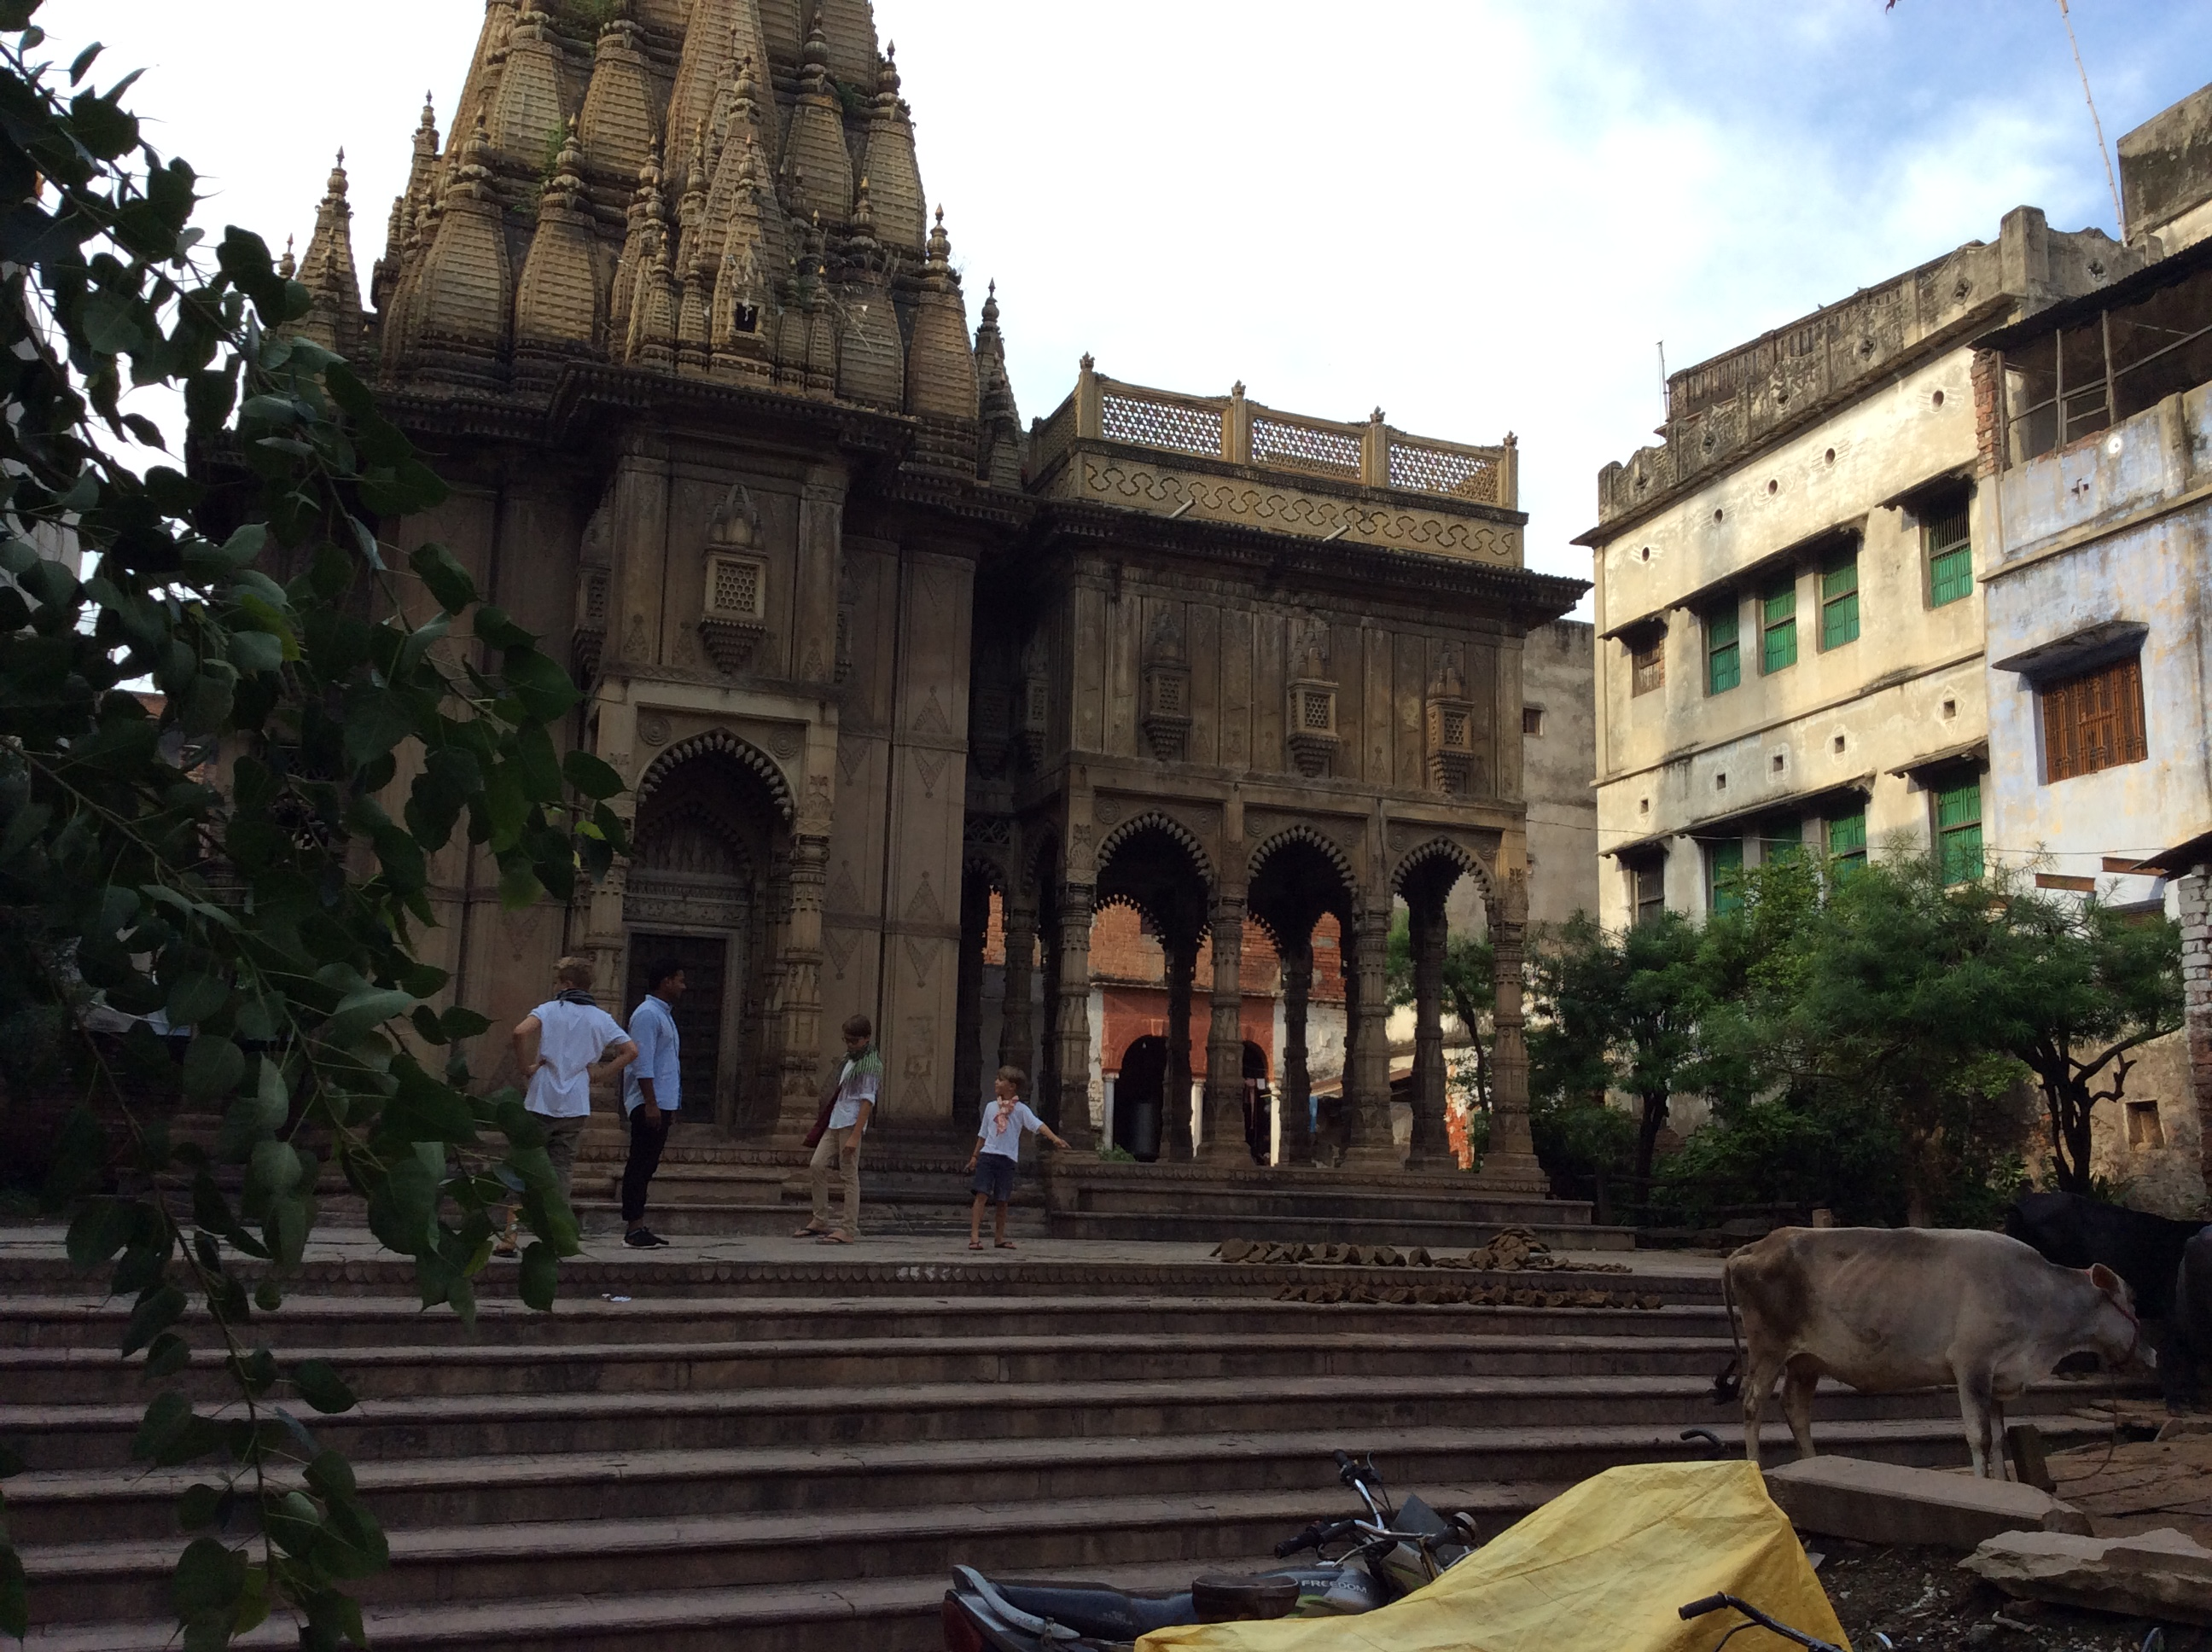 Ein 400 Jahre alter rajistanischer Tempel einfach so in einem Hinterhof! Neo zeigt auf die....